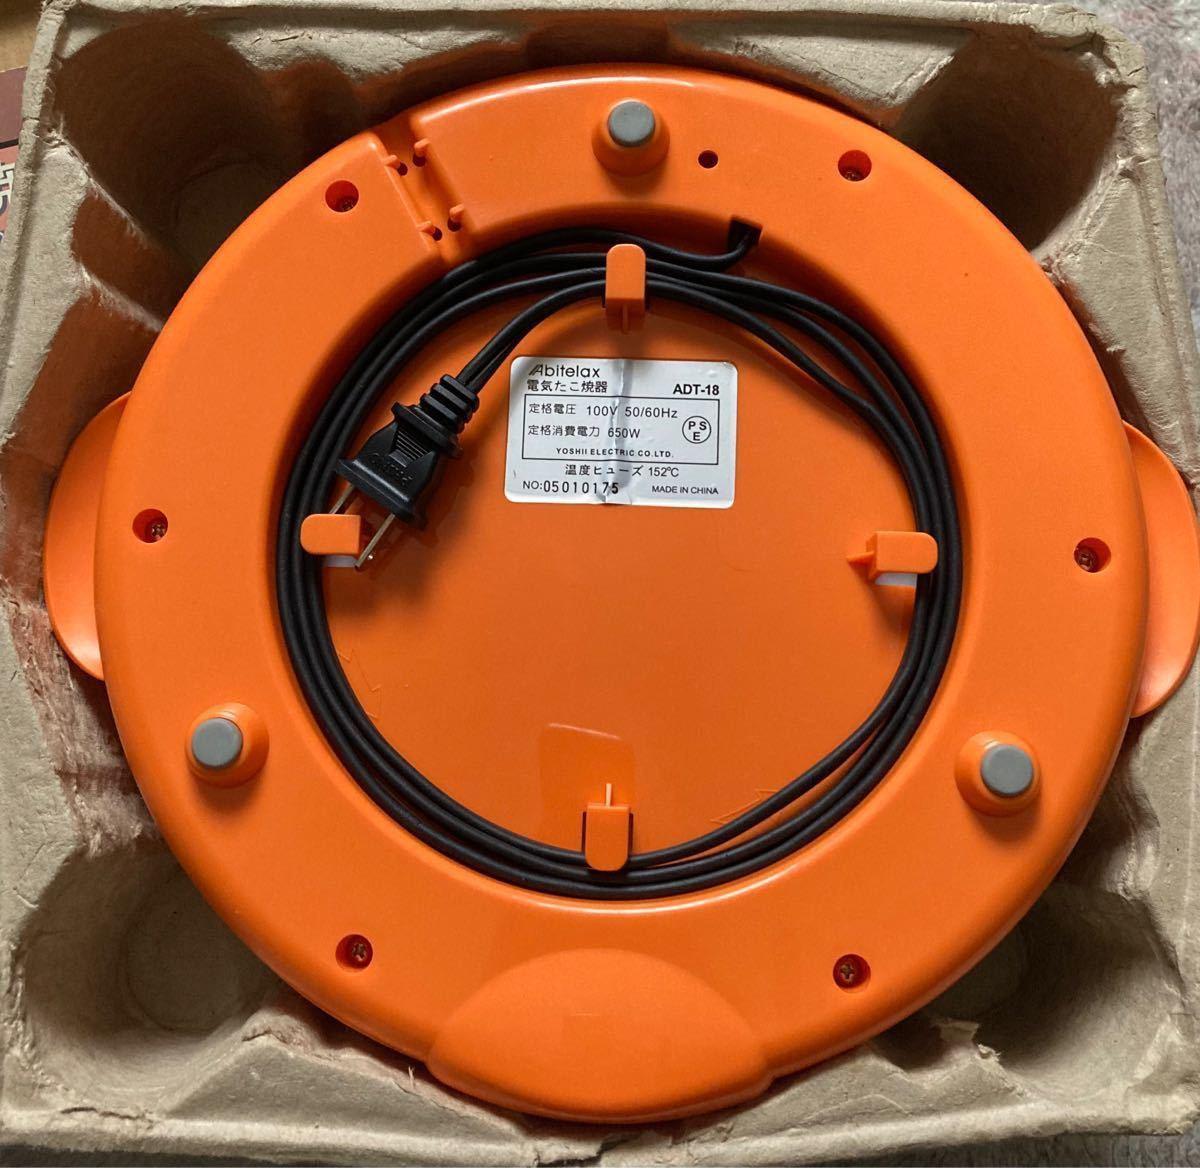 たこ焼き器ADT-18